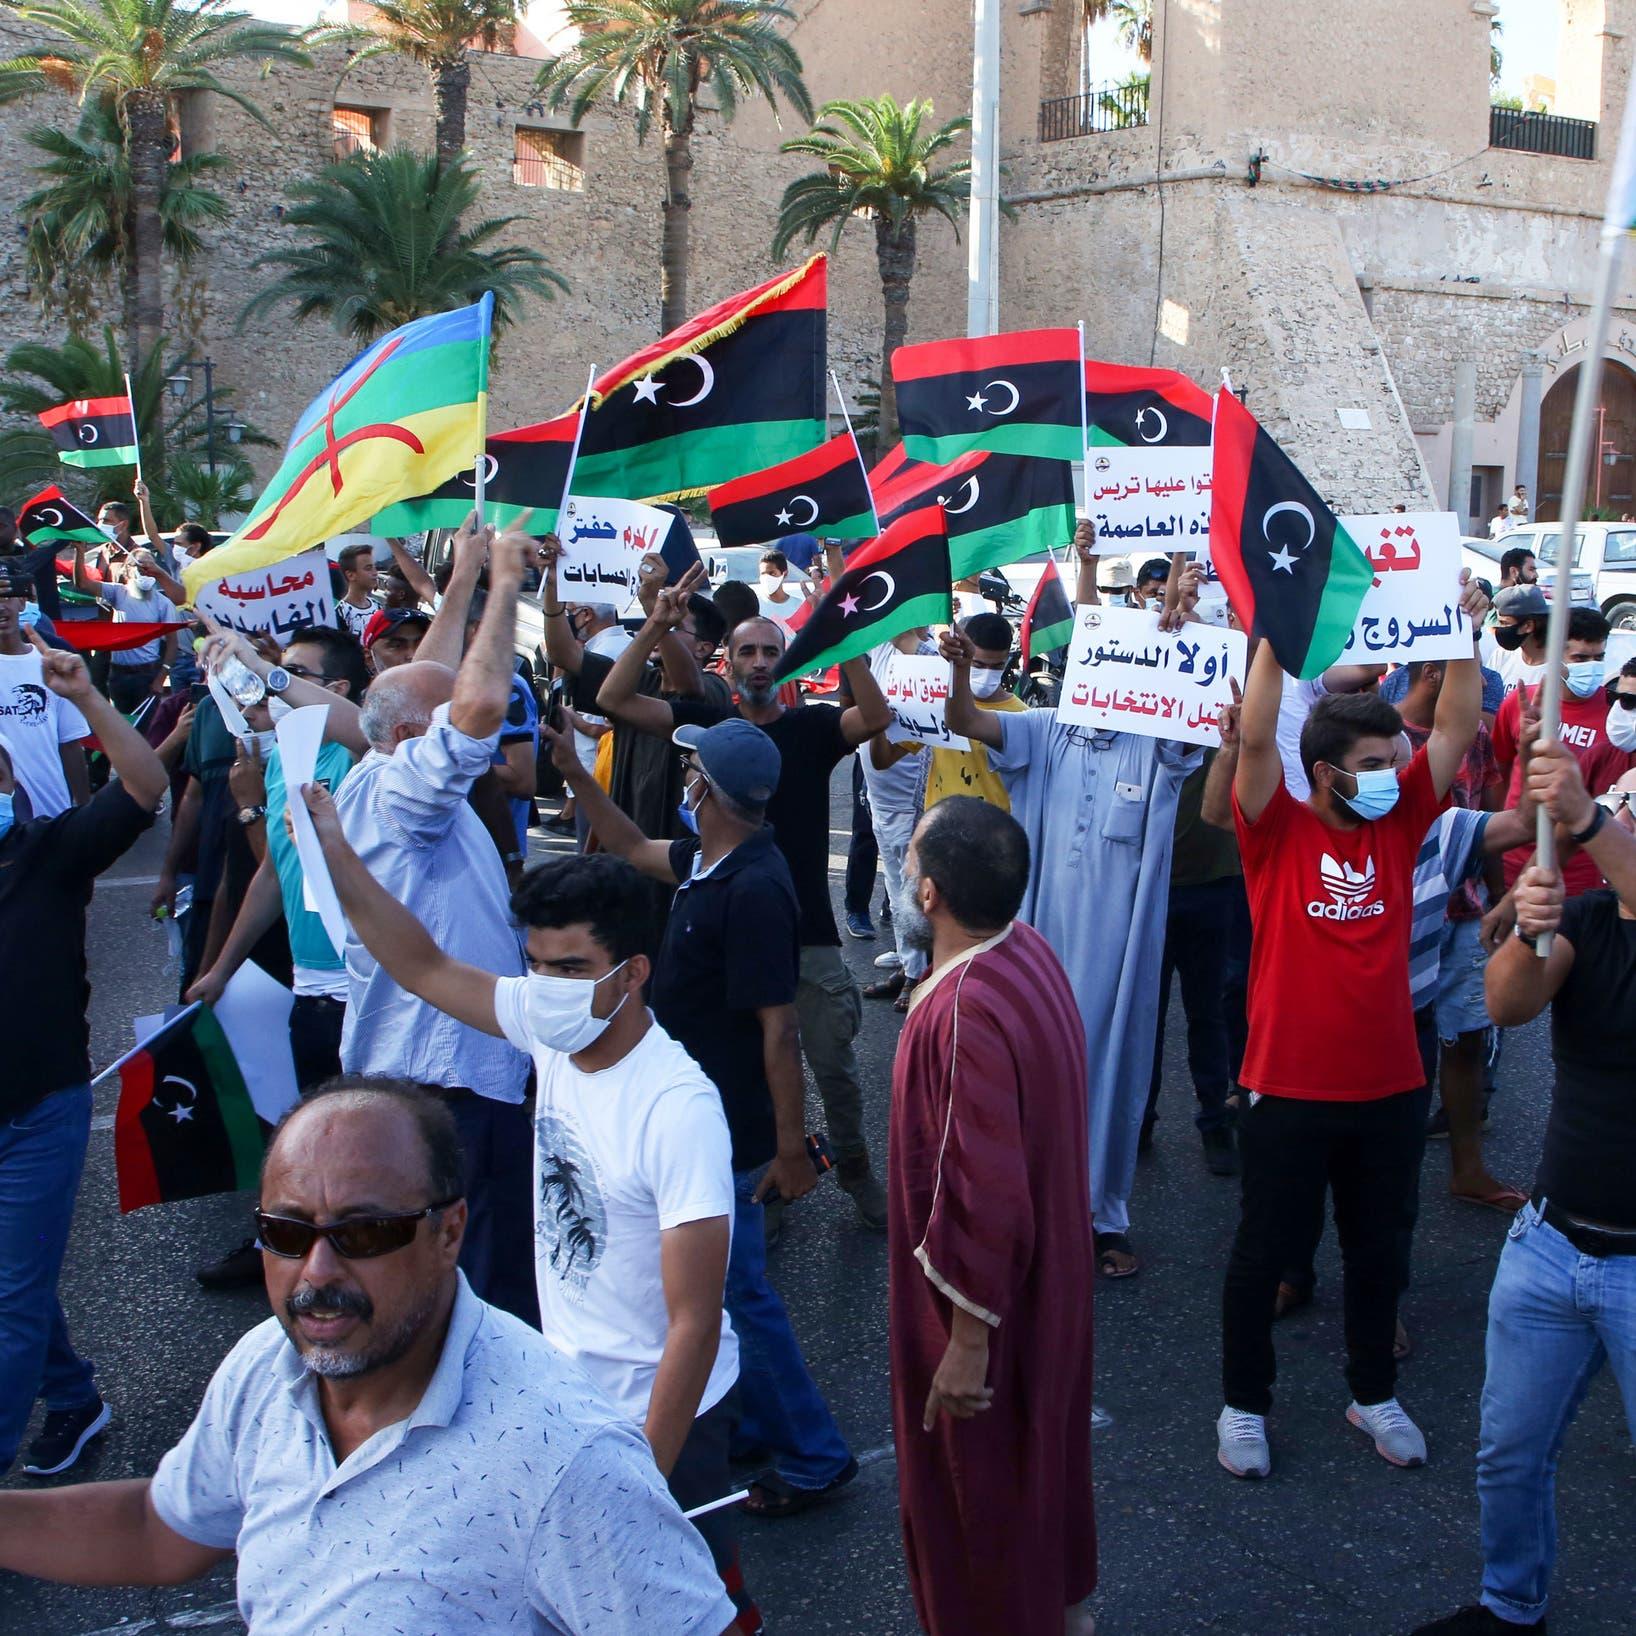 الأمم المتحدة: تحول لافت بليبيا.. وحاجة لعملية سياسية شاملة